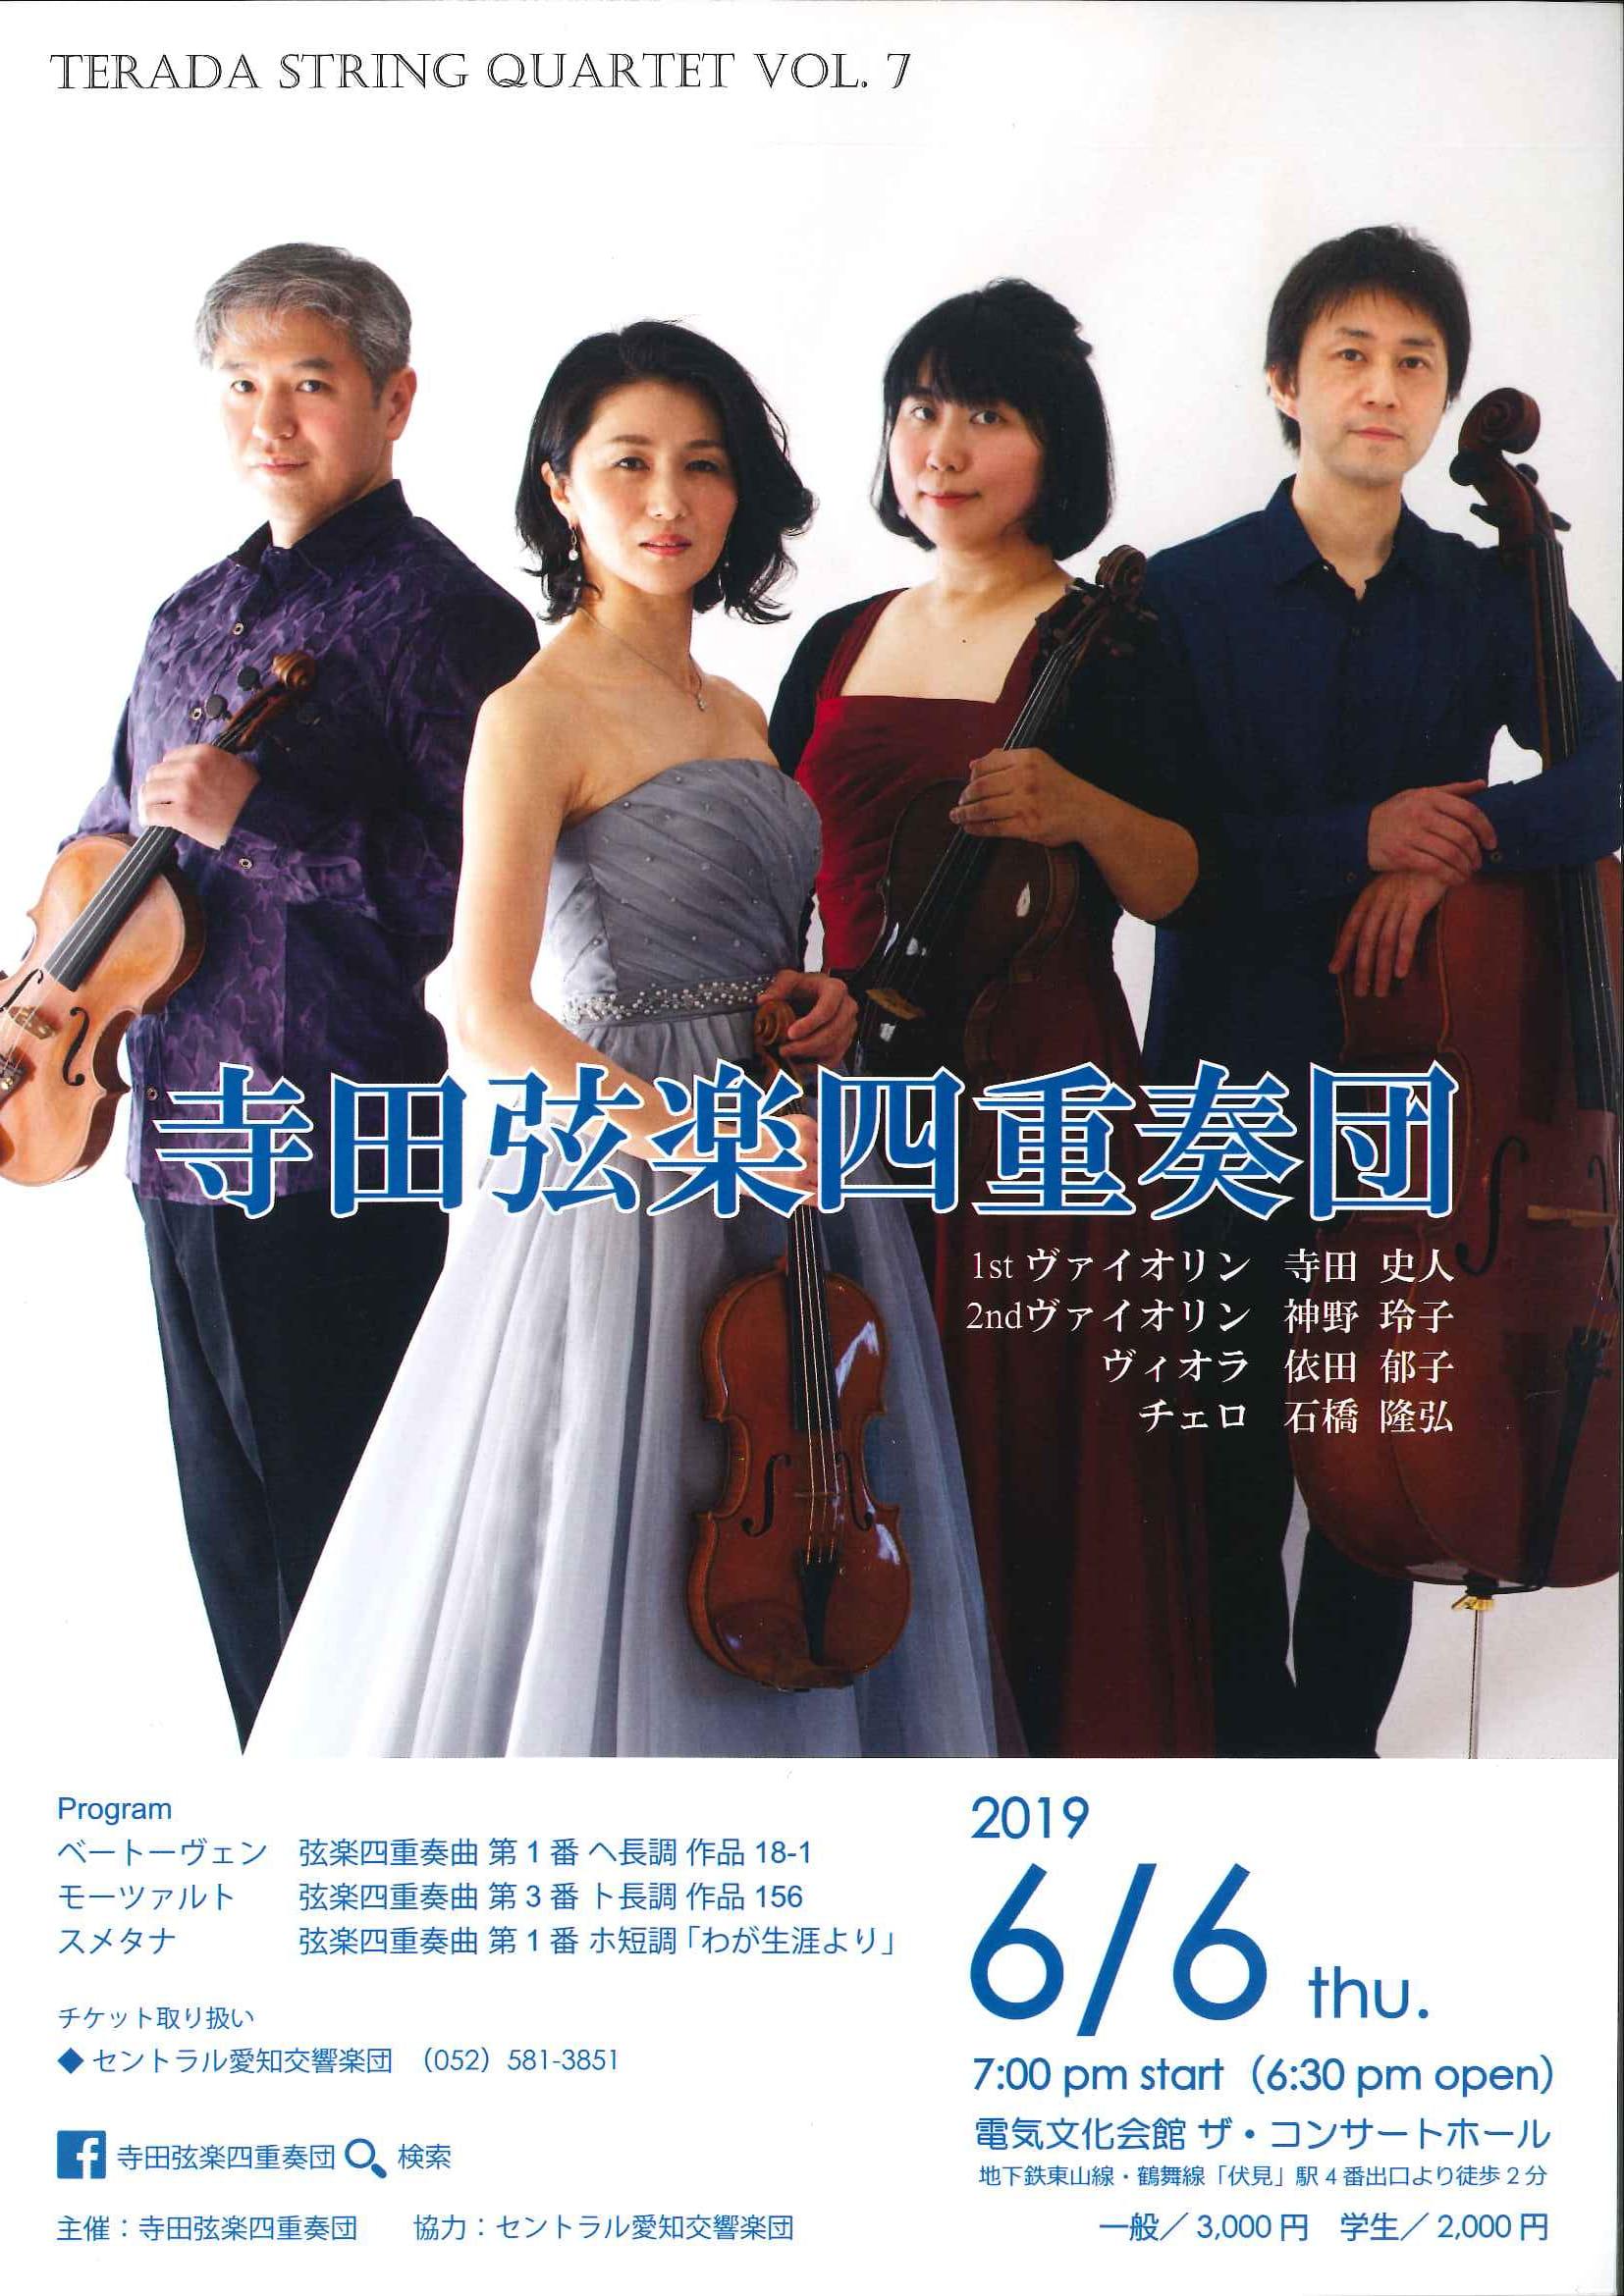 寺田弦楽四重奏団 Vol.7